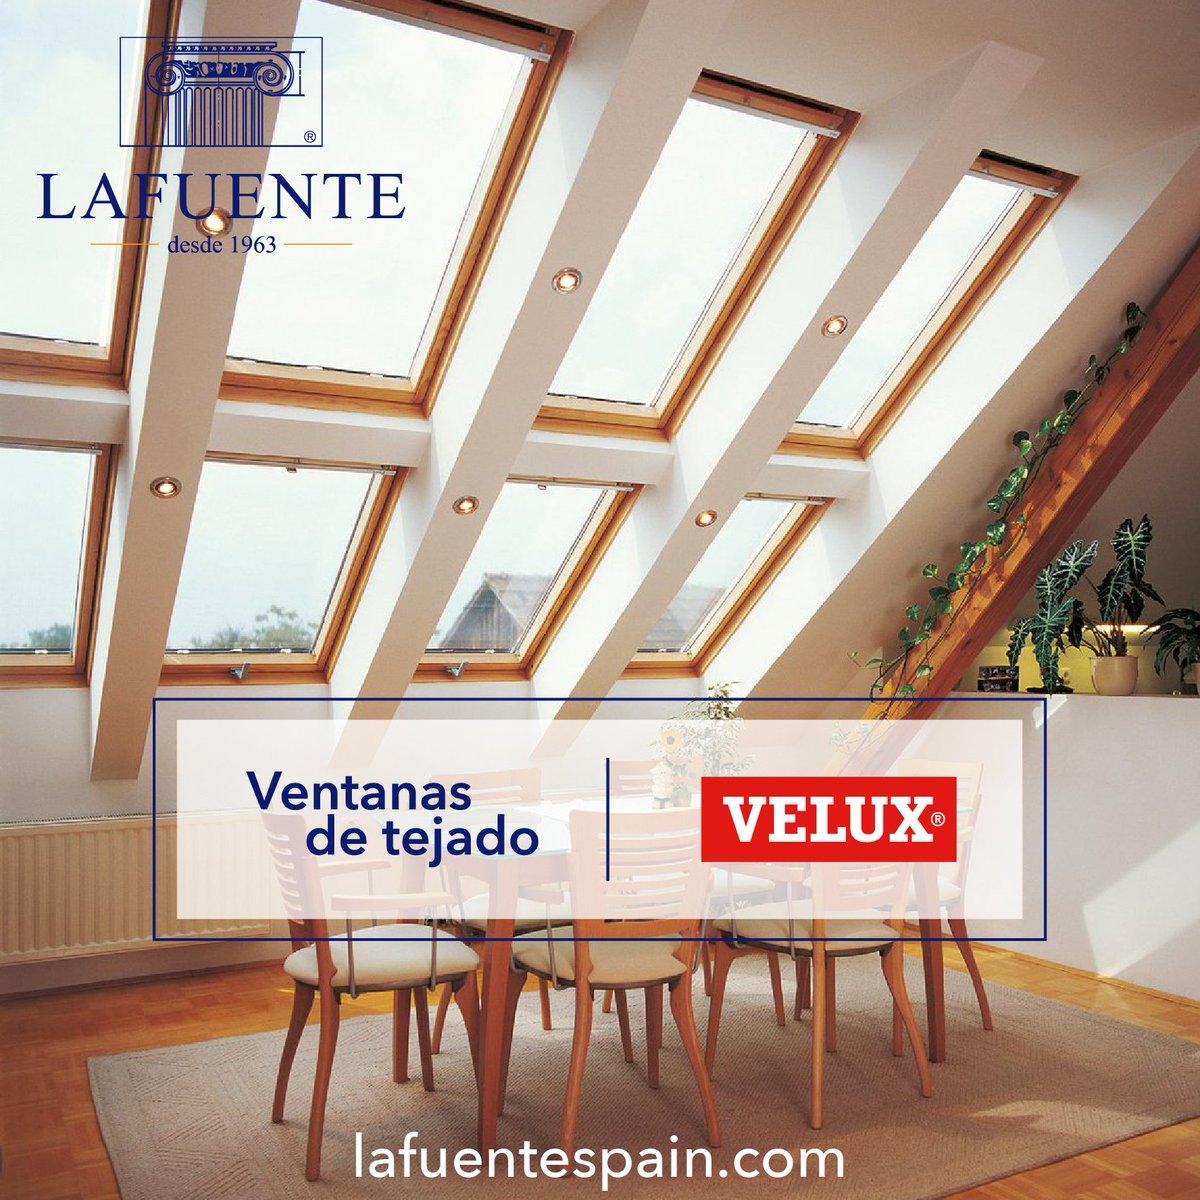 ¡Buenos días!😄 Ilumina tu espacio con luz natural gracias a las ventanas de tejado VELUX, disponibles en distintas medidas y acabados. Descubre sus ventajas: https://t.co/uS2BkZxSiY Si necesitas más información, escríbenos a 📩lafuente@lafuentespain.com #VELUX #ventana #LAFUENTE https://t.co/UoyK4Hd0IE